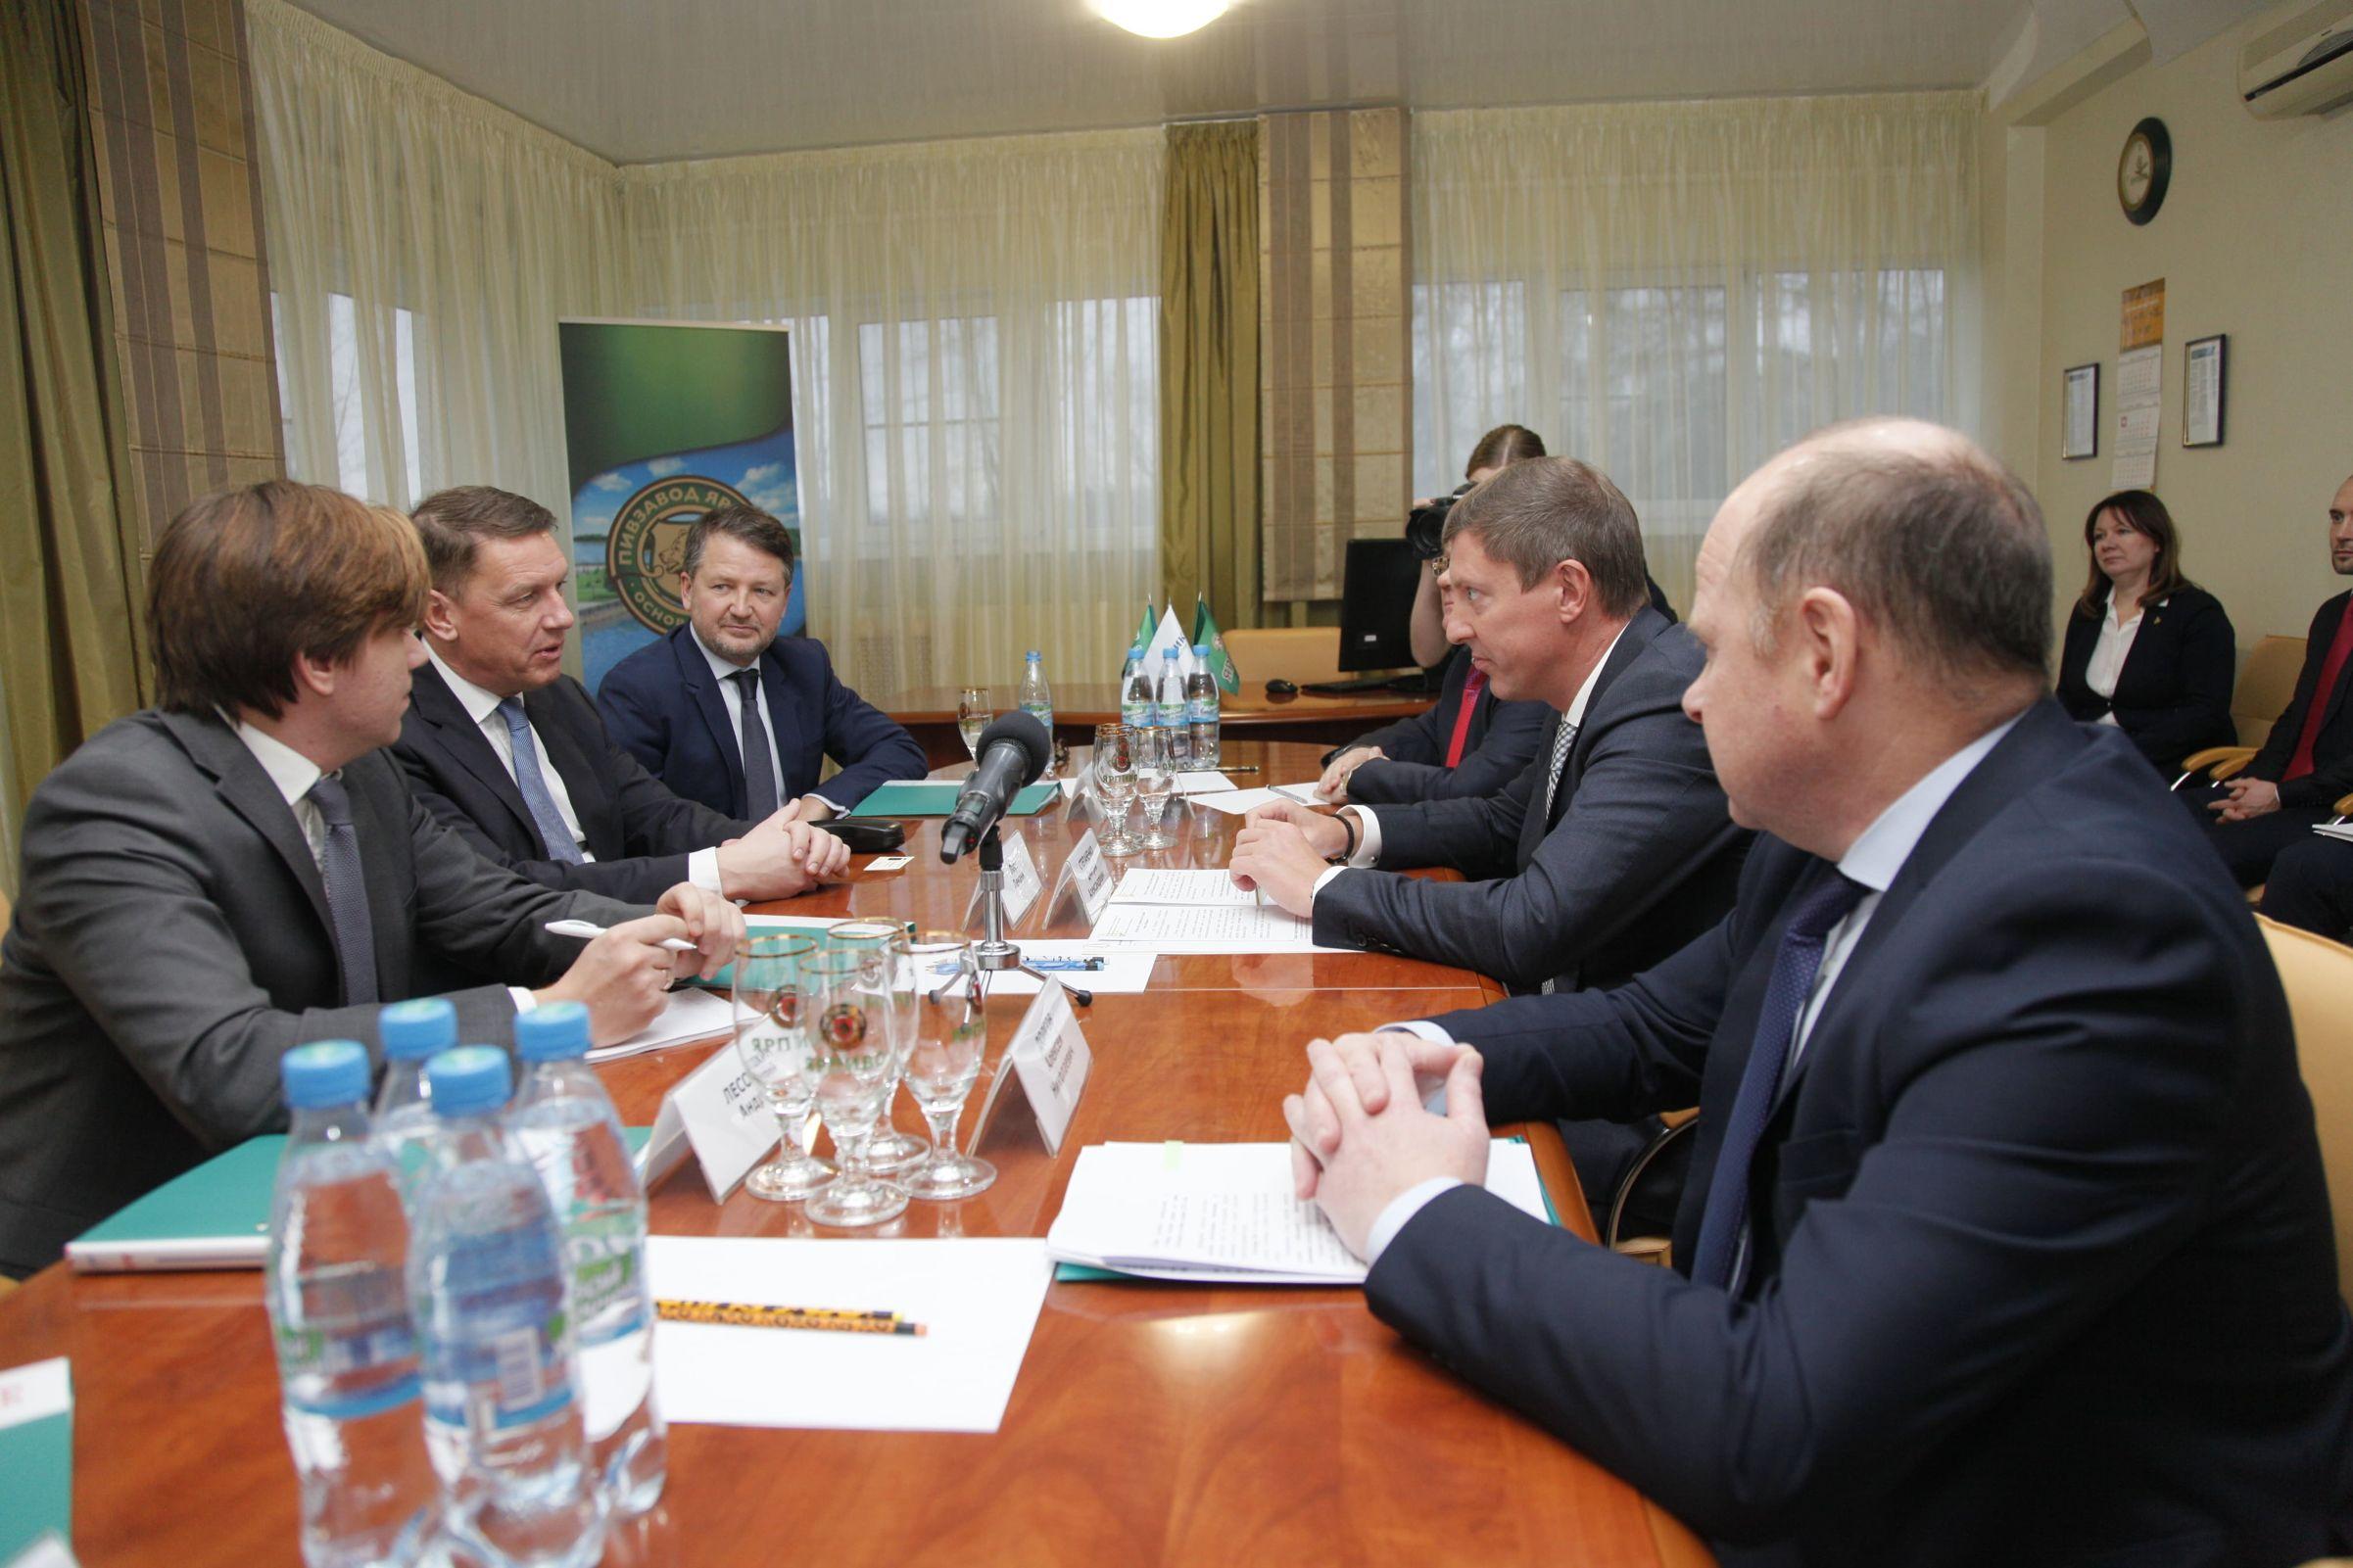 Дмитрий Степаненко посетил «Пивзавод «Ярпиво» и поздравил сотрудников с 45-летием предприятия